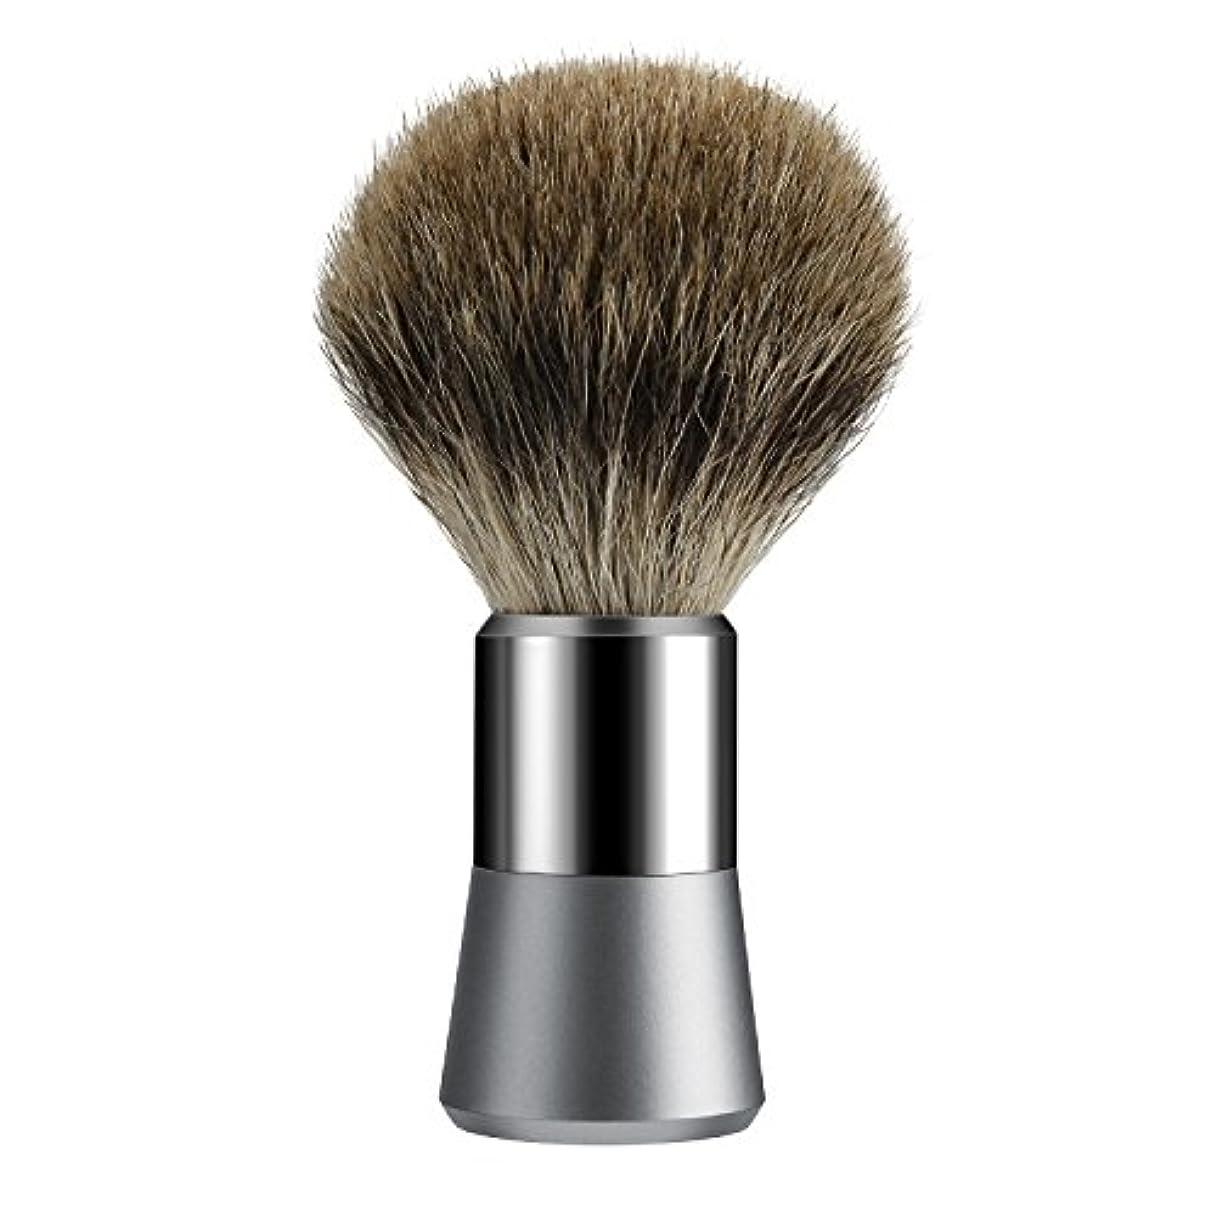 机フィードバックパトロンTezam シェービング ブラシ, シェービングブラシ アナグマの毛 100%, クロームハンドル